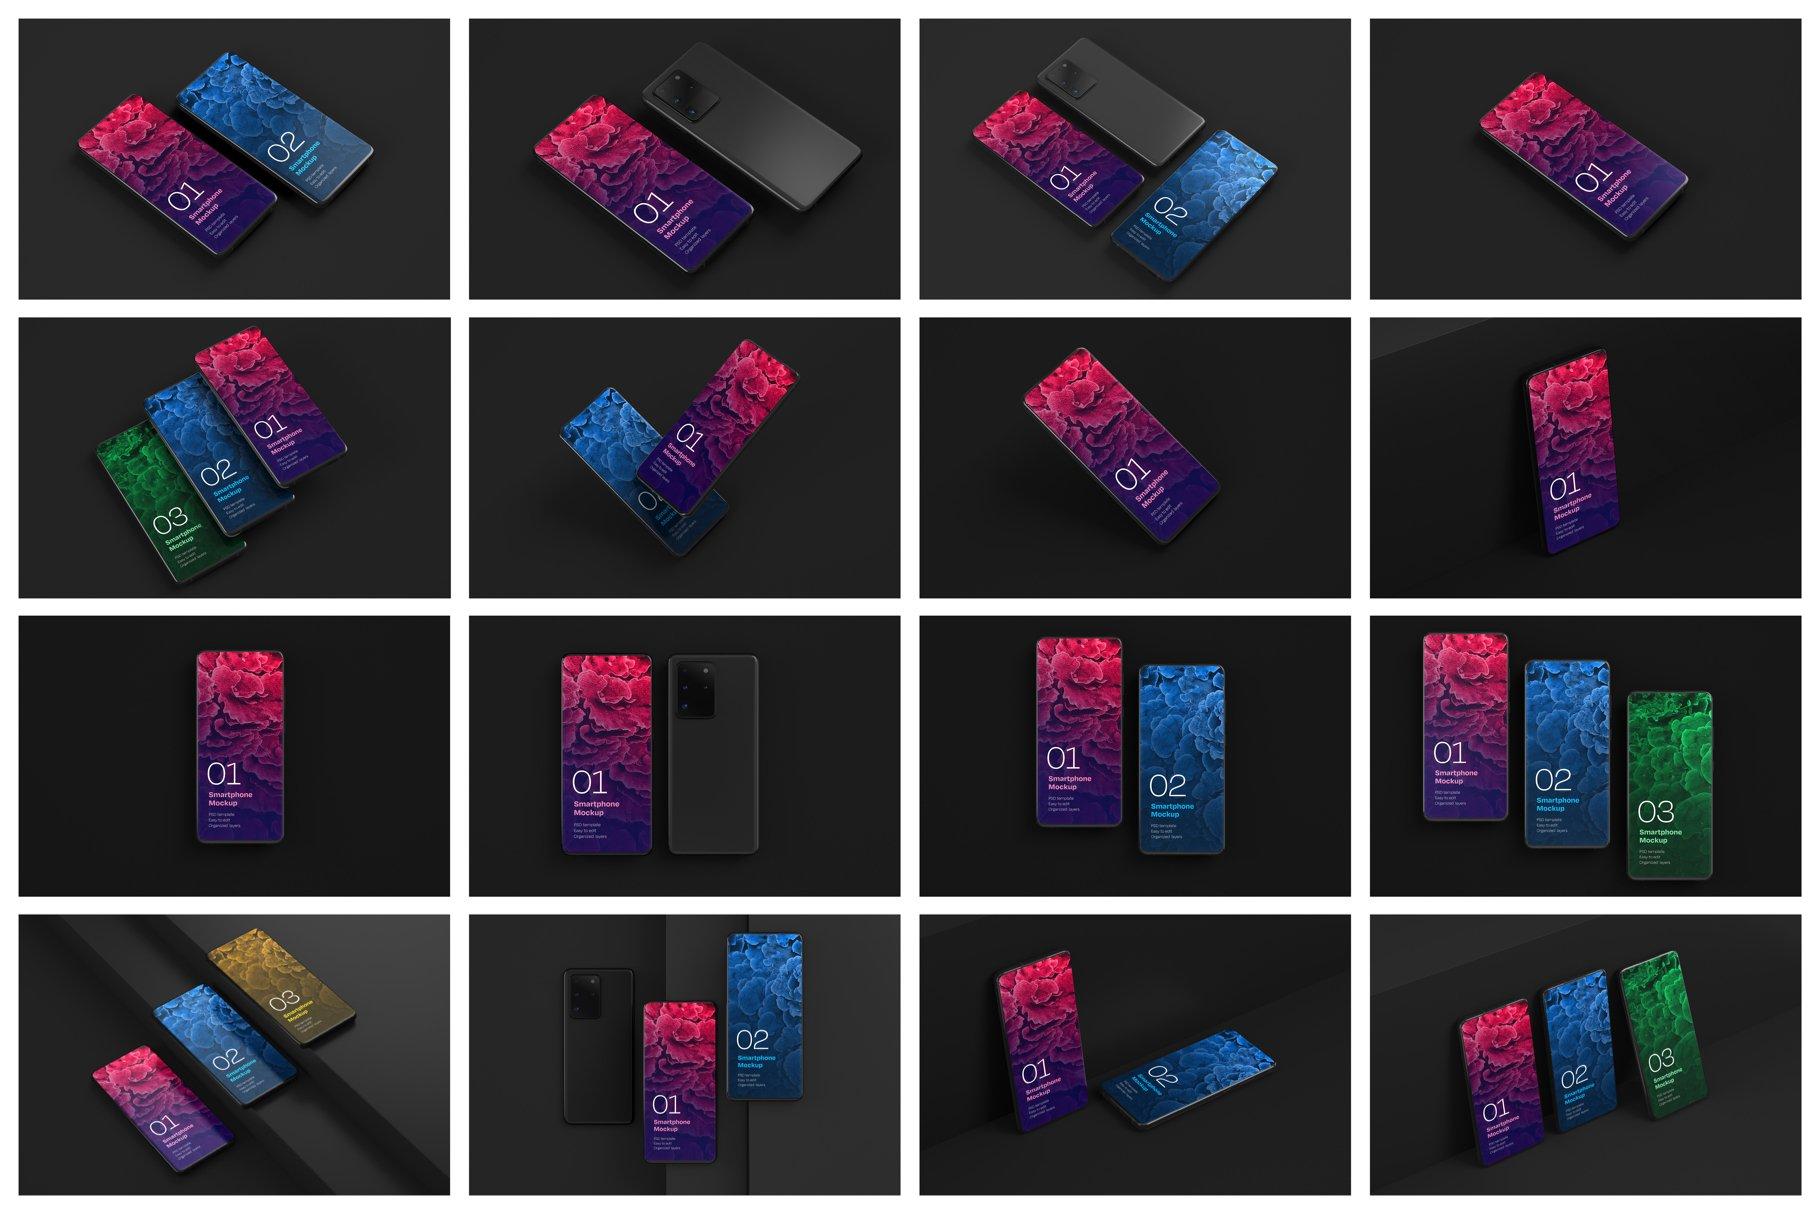 16款应用APP设计三星Galaxy S20手机屏幕演示样机 Galaxy S20 Ultra Device Mockup插图(16)